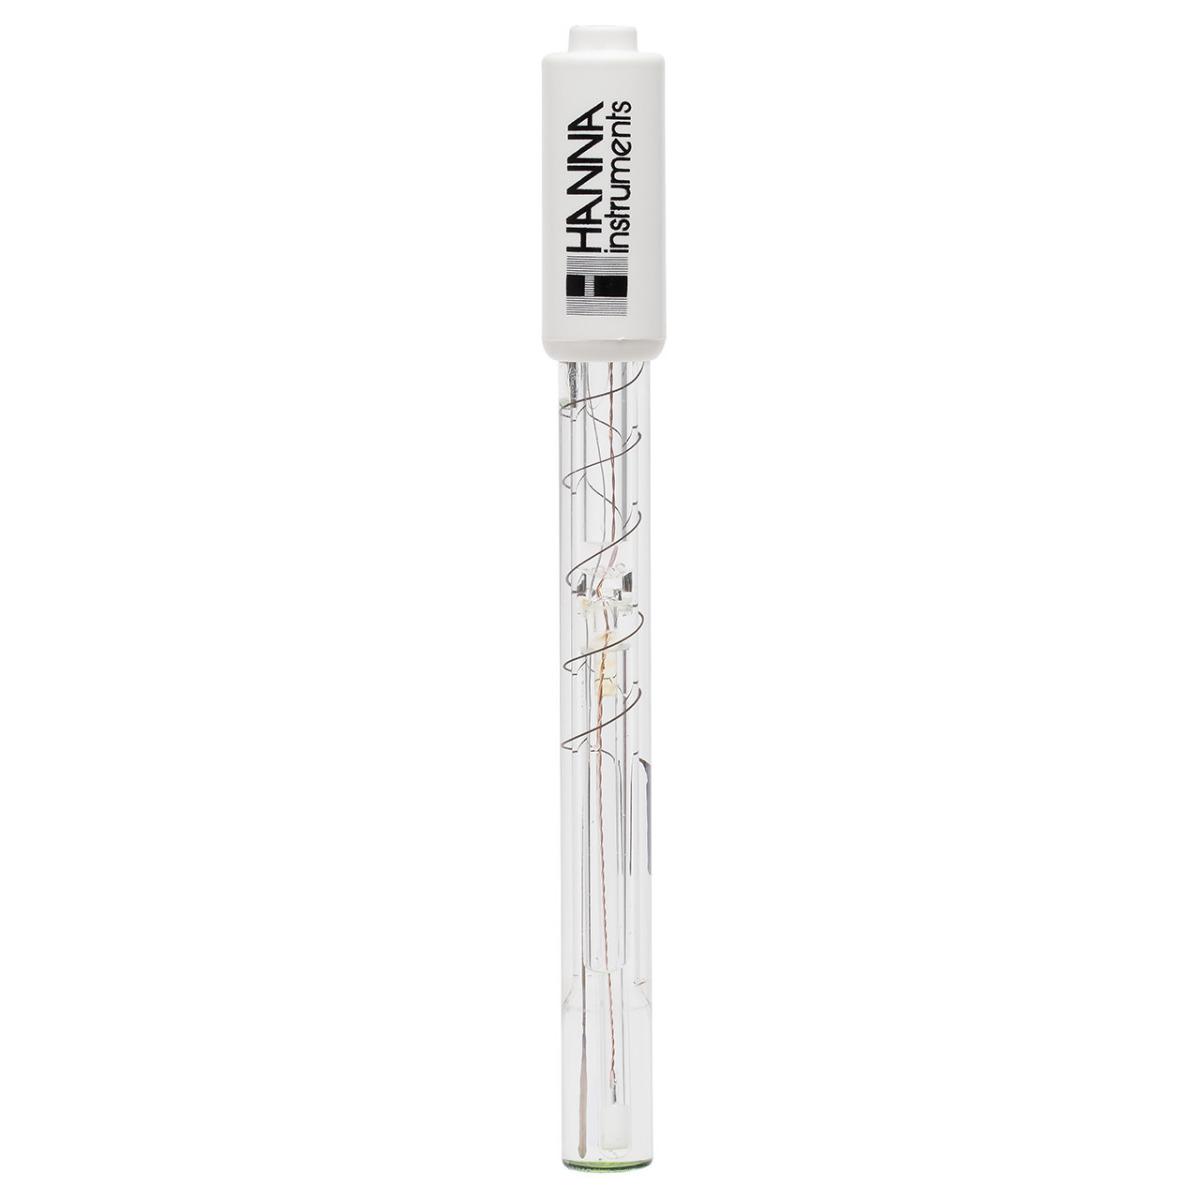 HI14140 - Elettrodo pH a punta piatta per misurazioni di cute e superficie